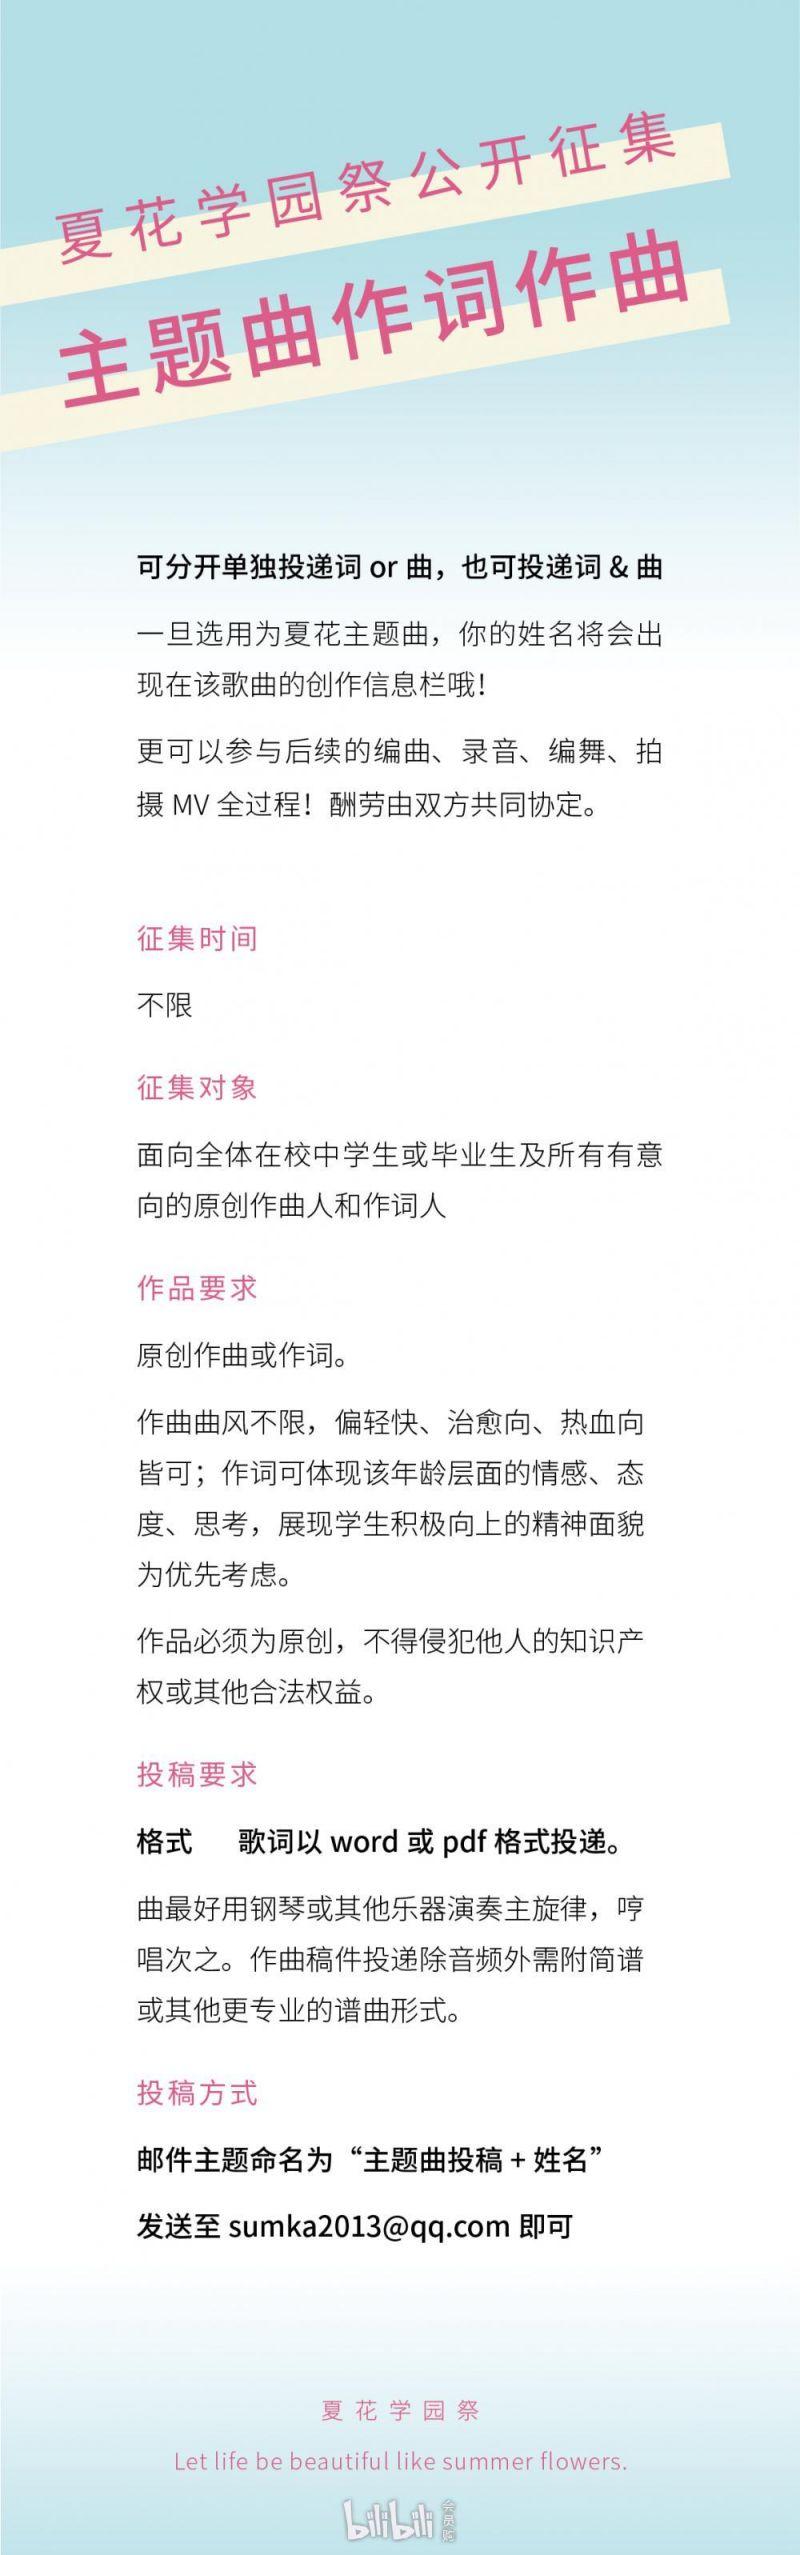 2019长沙夏花学园祭漫展时间 官宣图